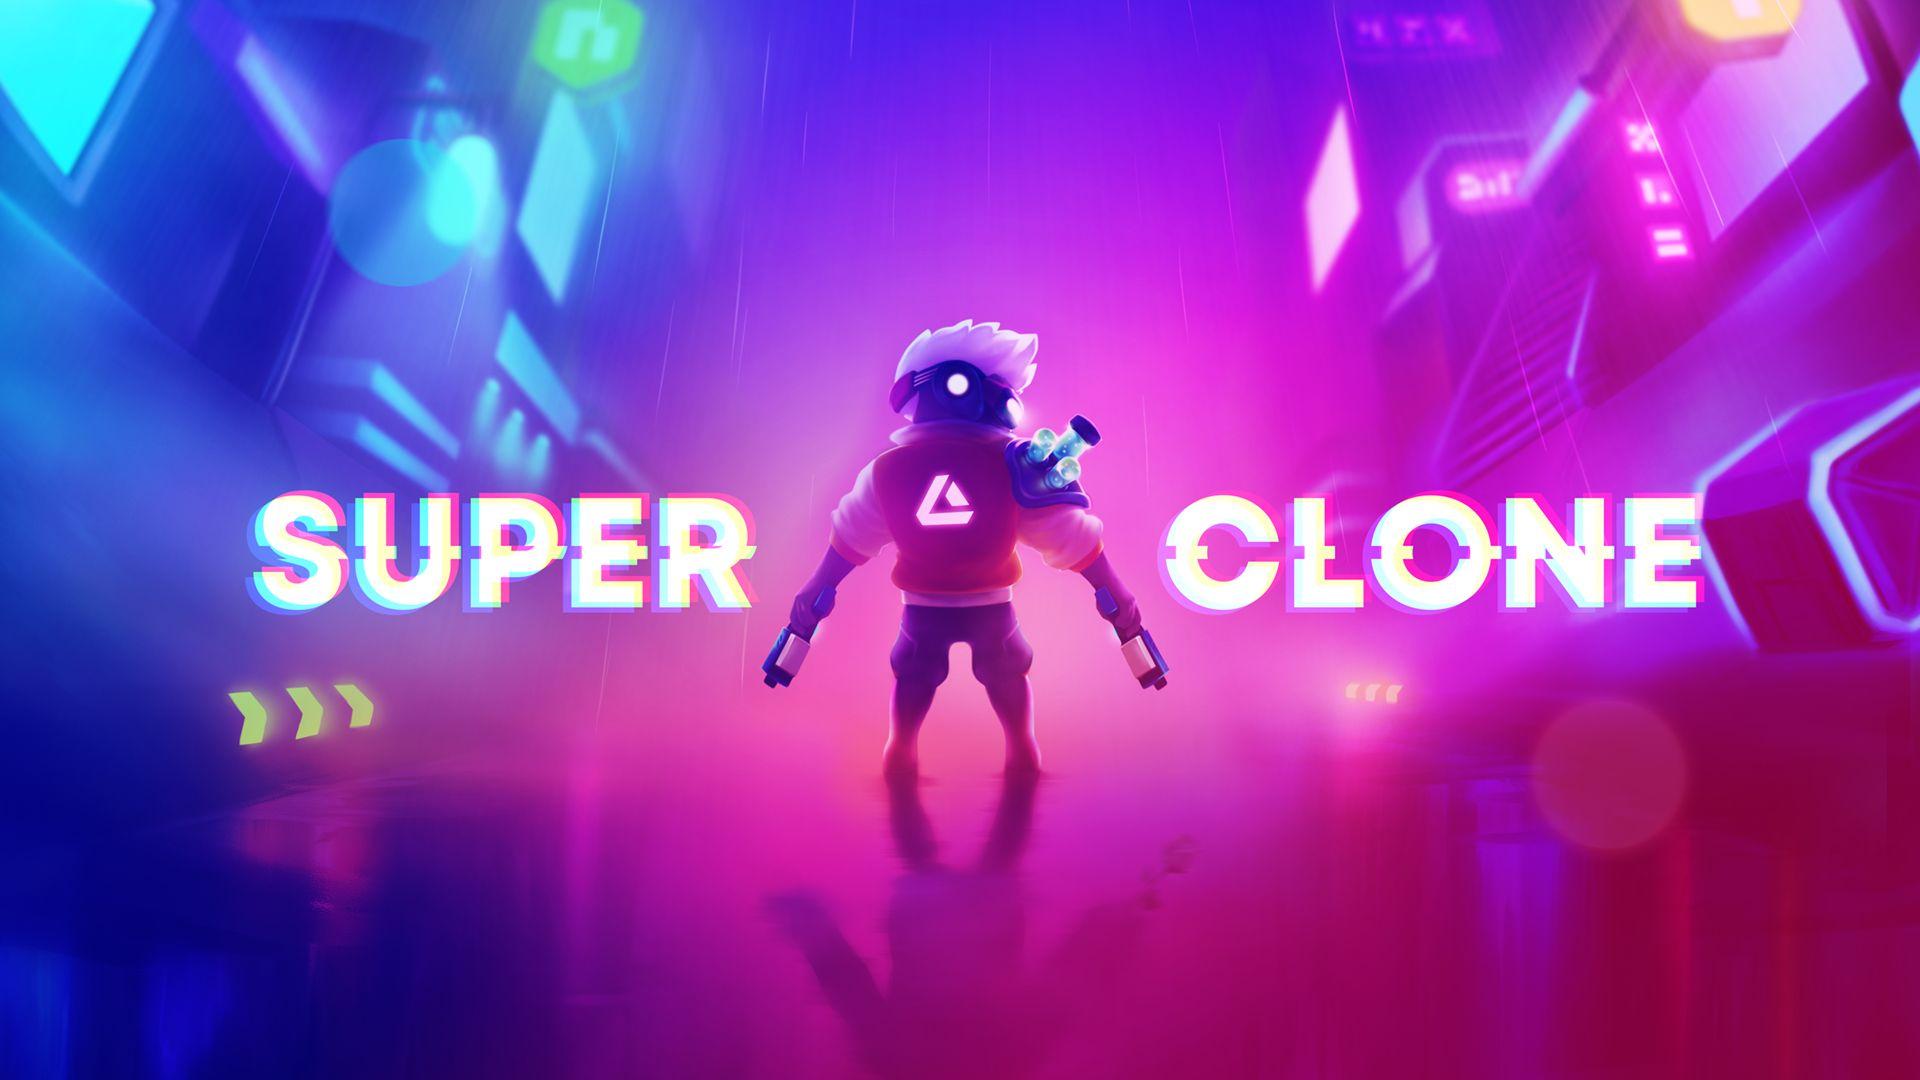 Super Clone captura de tela 1